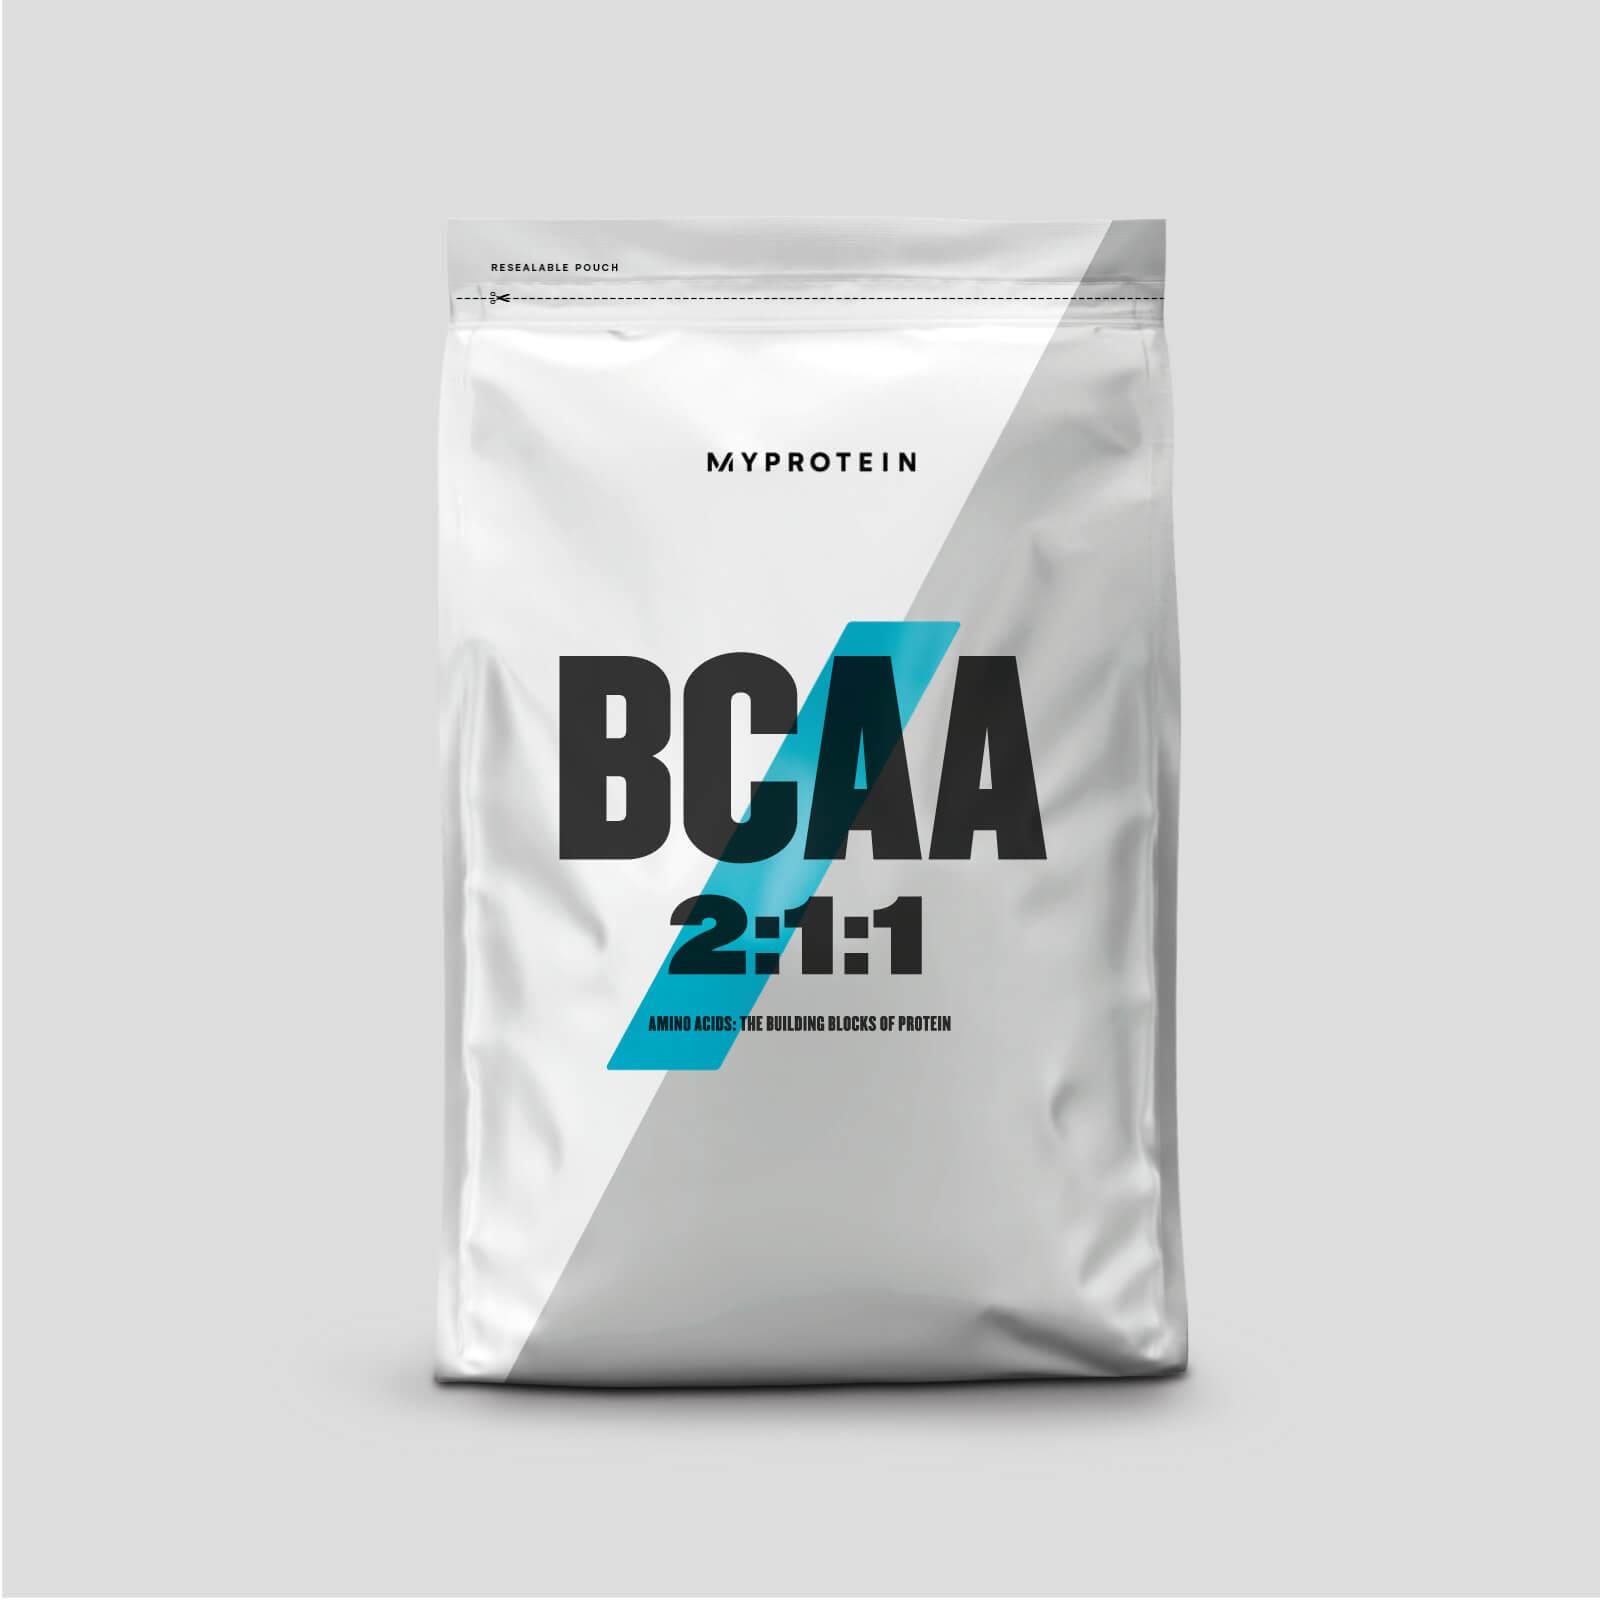 Myprotein BCAA - 250g - Cola